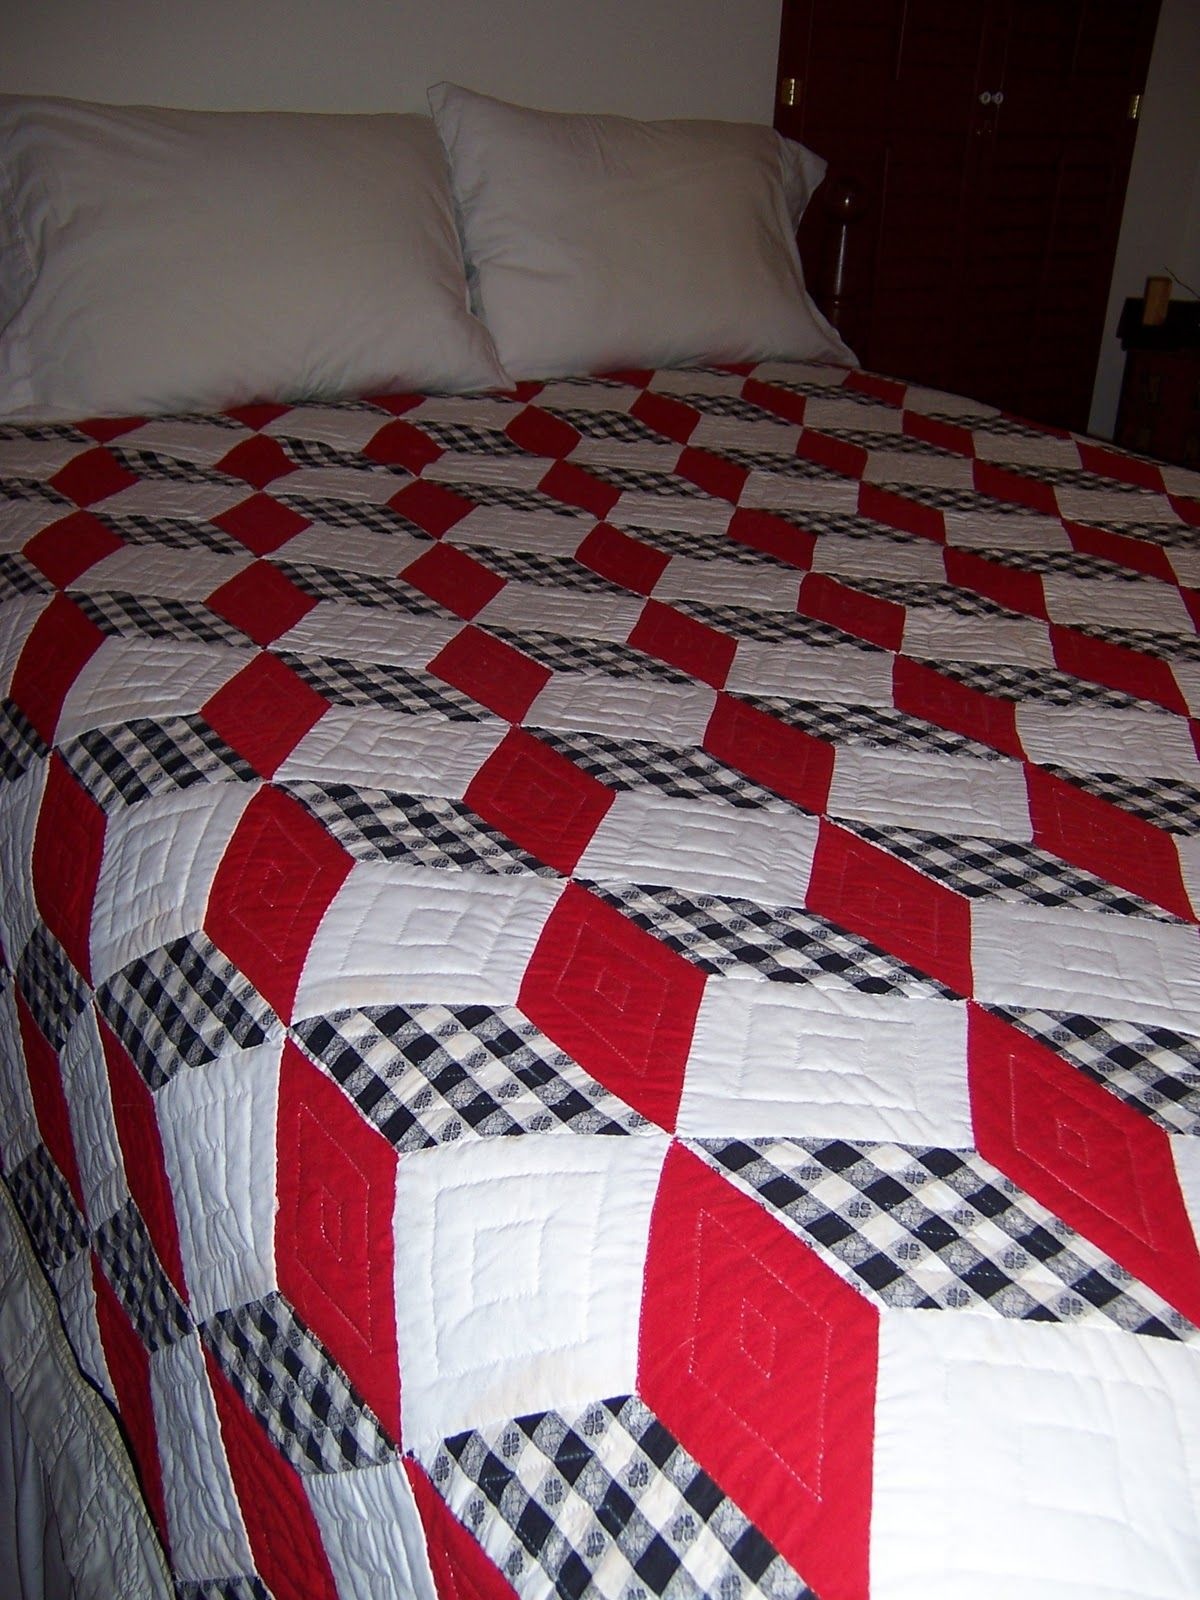 tumbling block quilt | Quilt ideas | Tumbling blocks quilt